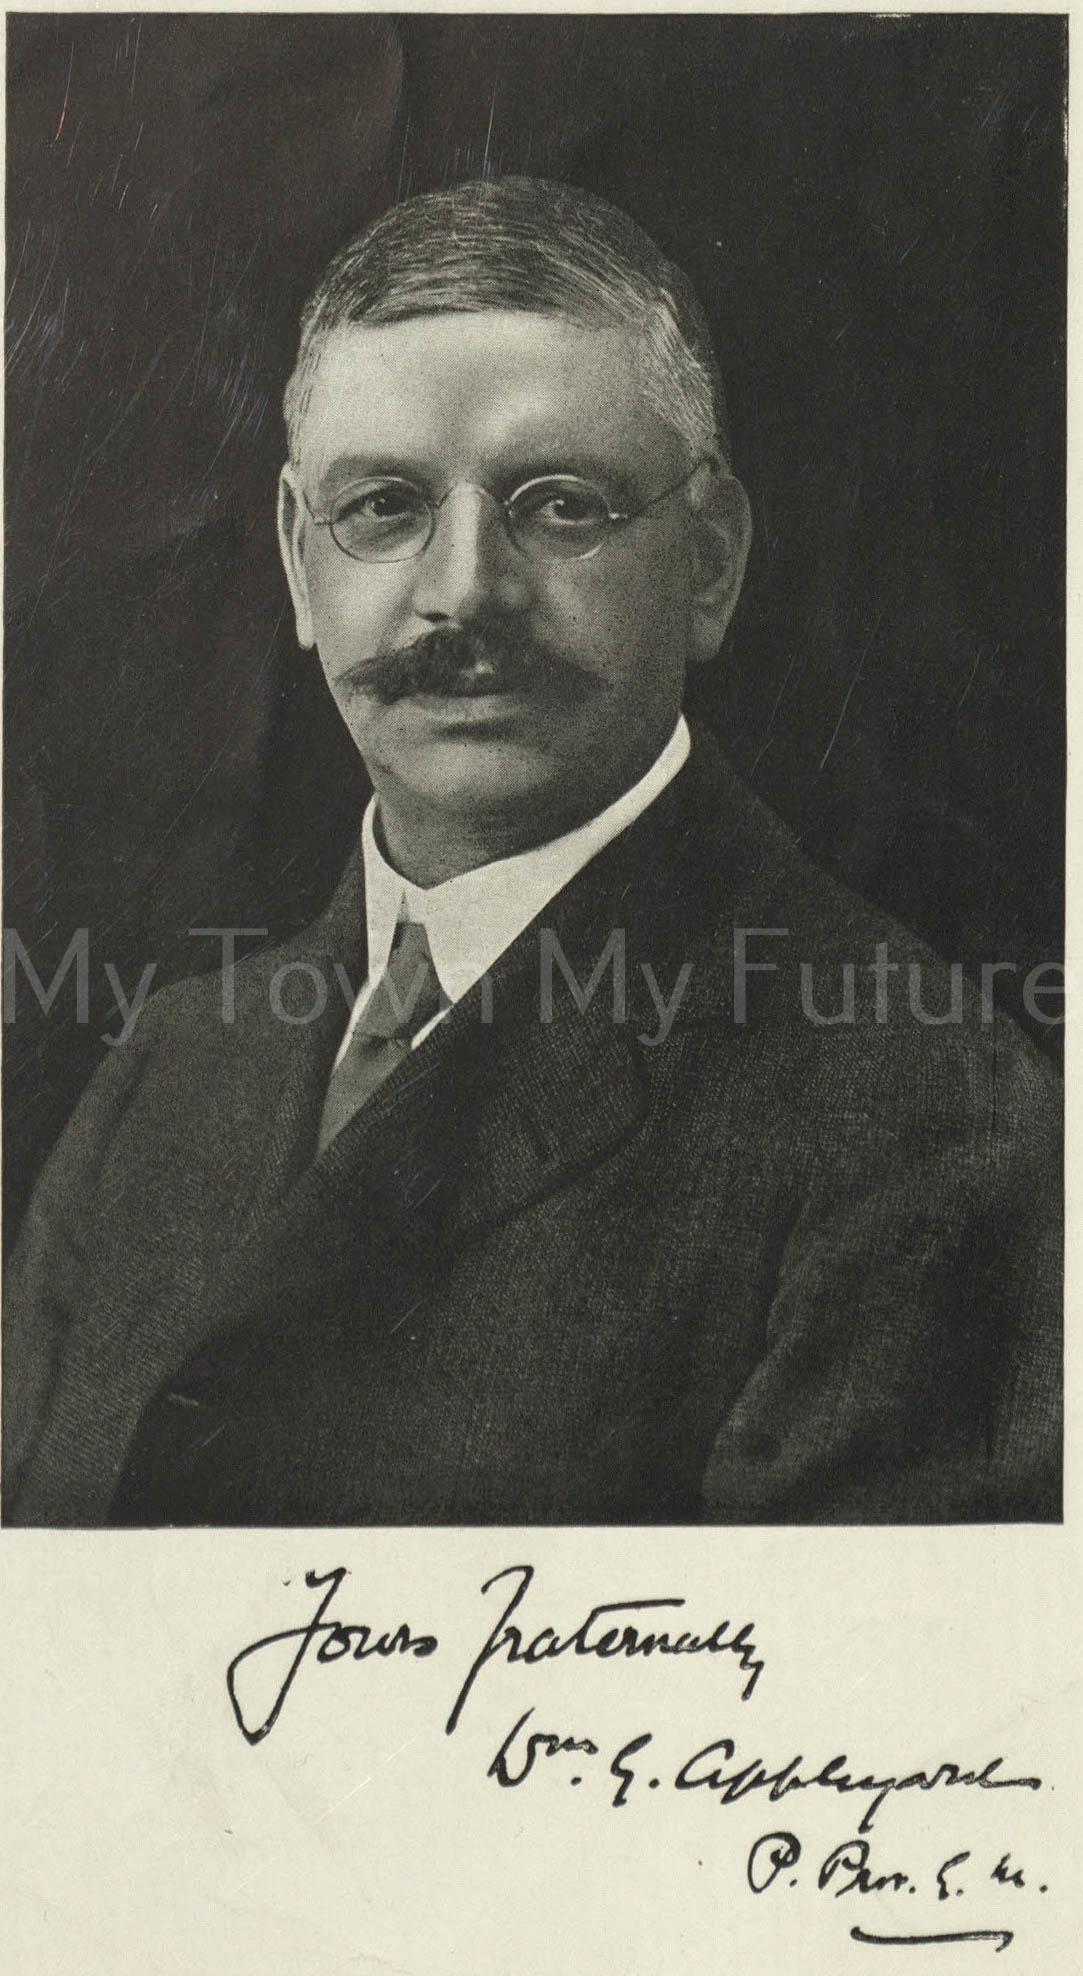 Mr W G Appleyard